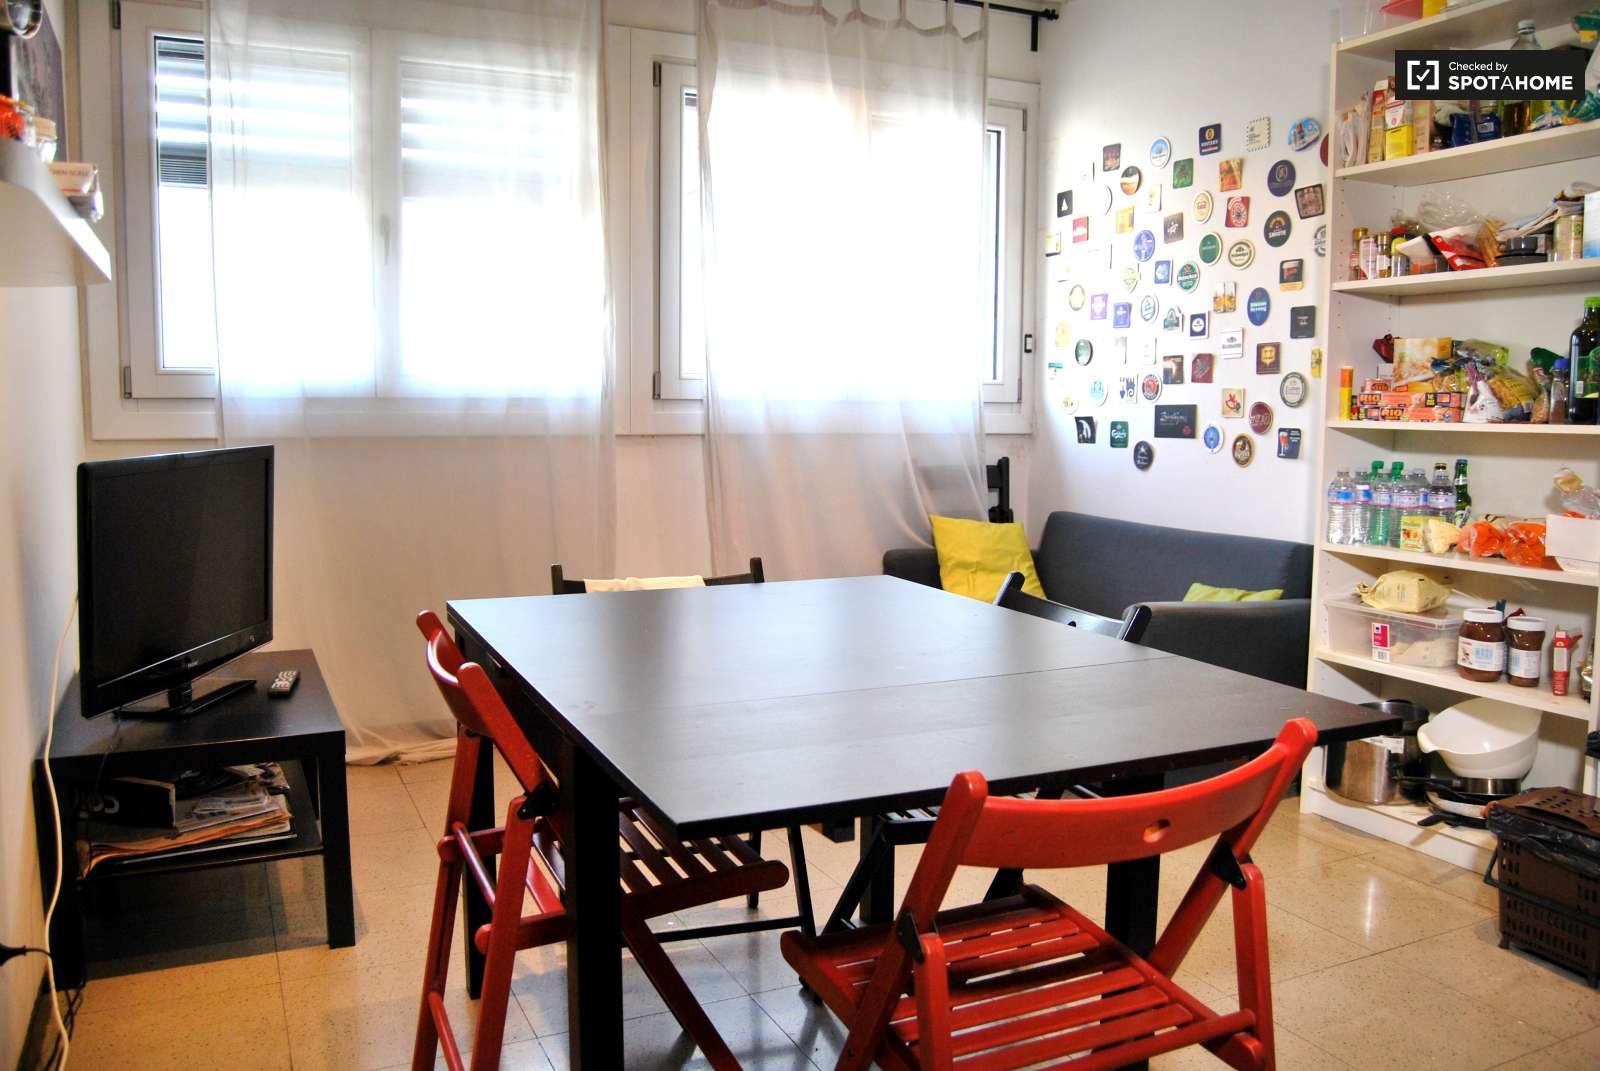 Stanza doppia in un Appartamento di 5 locali a Fiera, Milano (ref ...